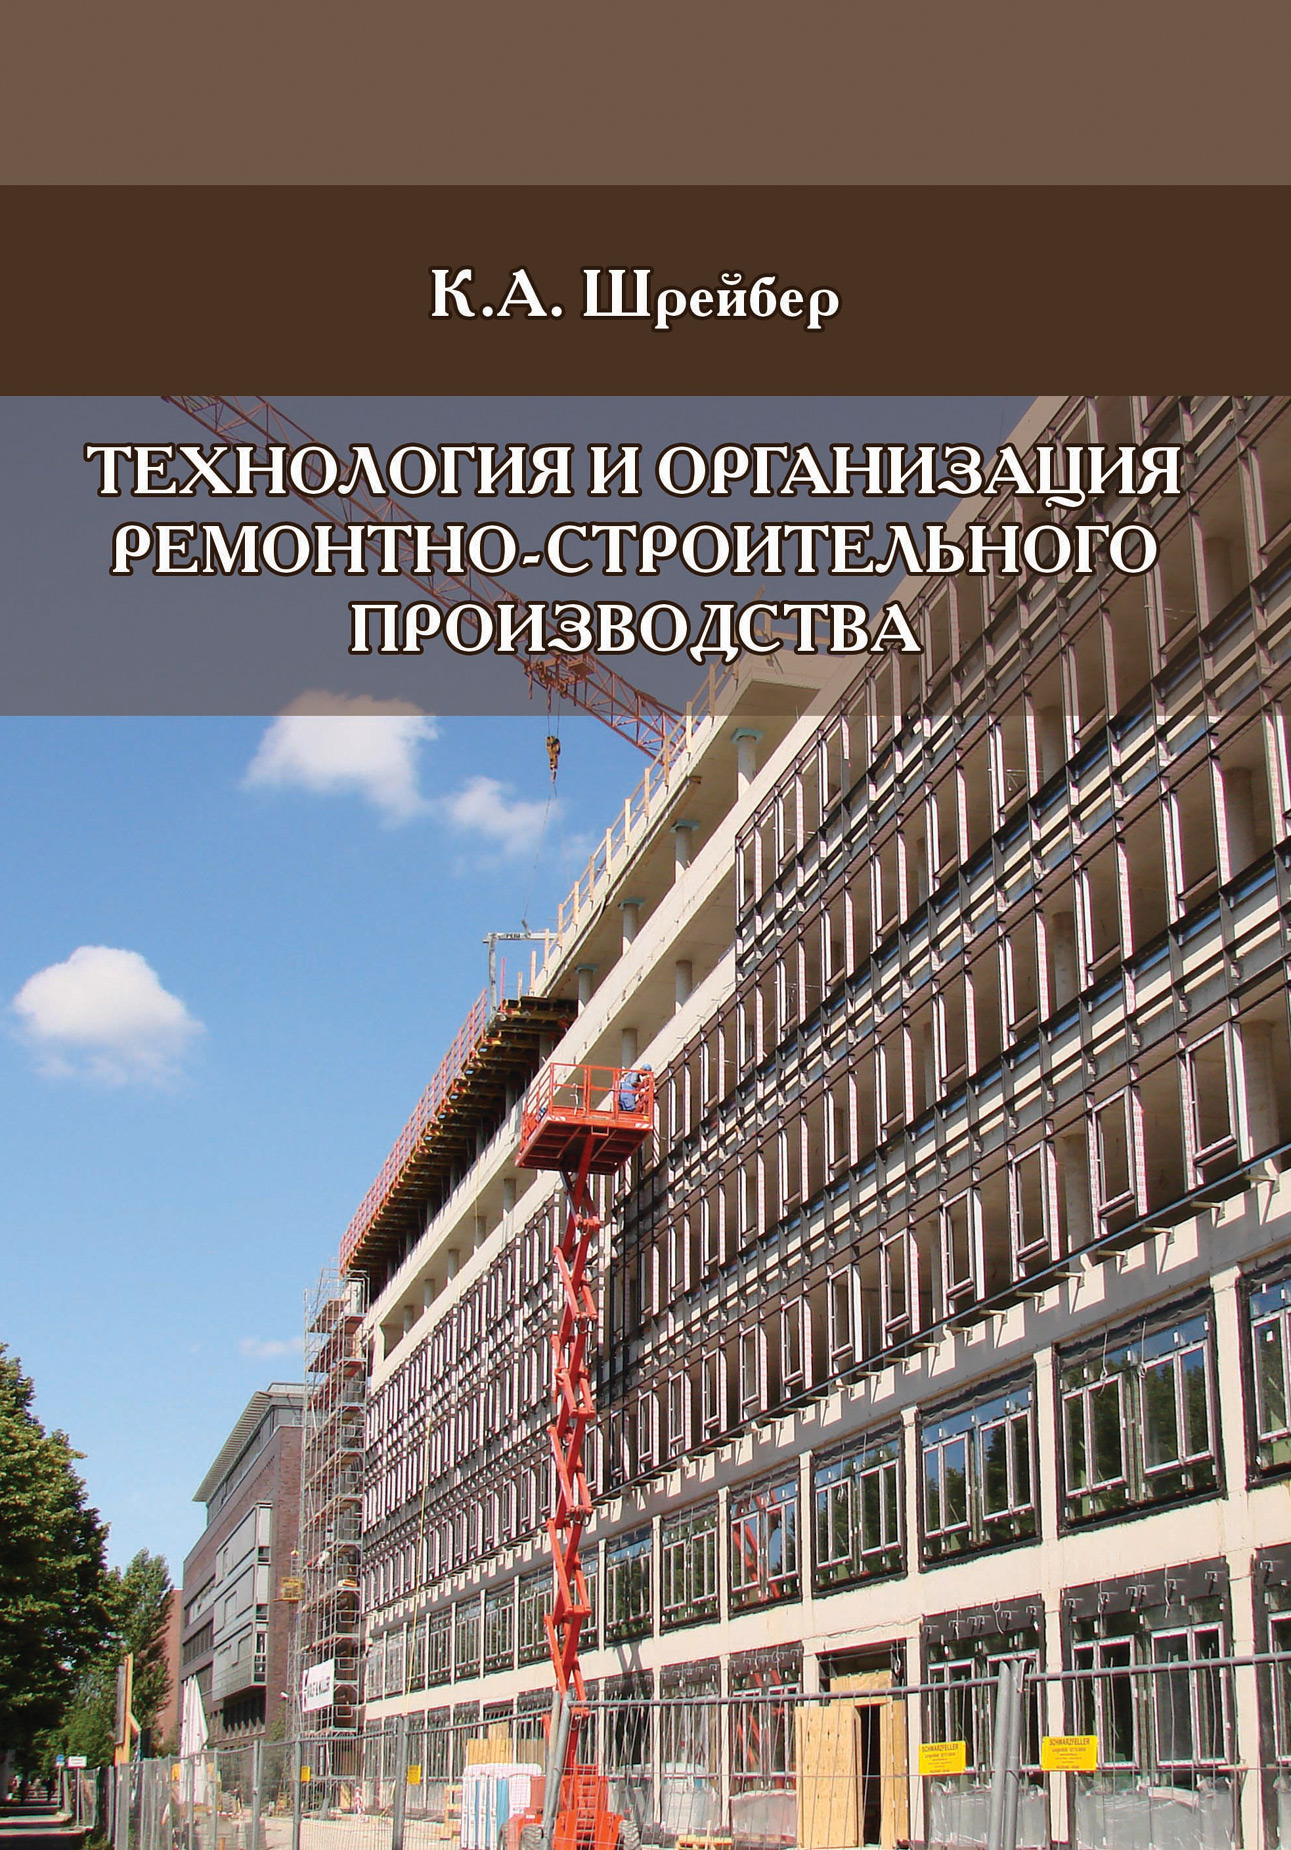 К. А. Шрейбер Технология и организация ремонтно-строительного производства а c стаценко технология строительного производства